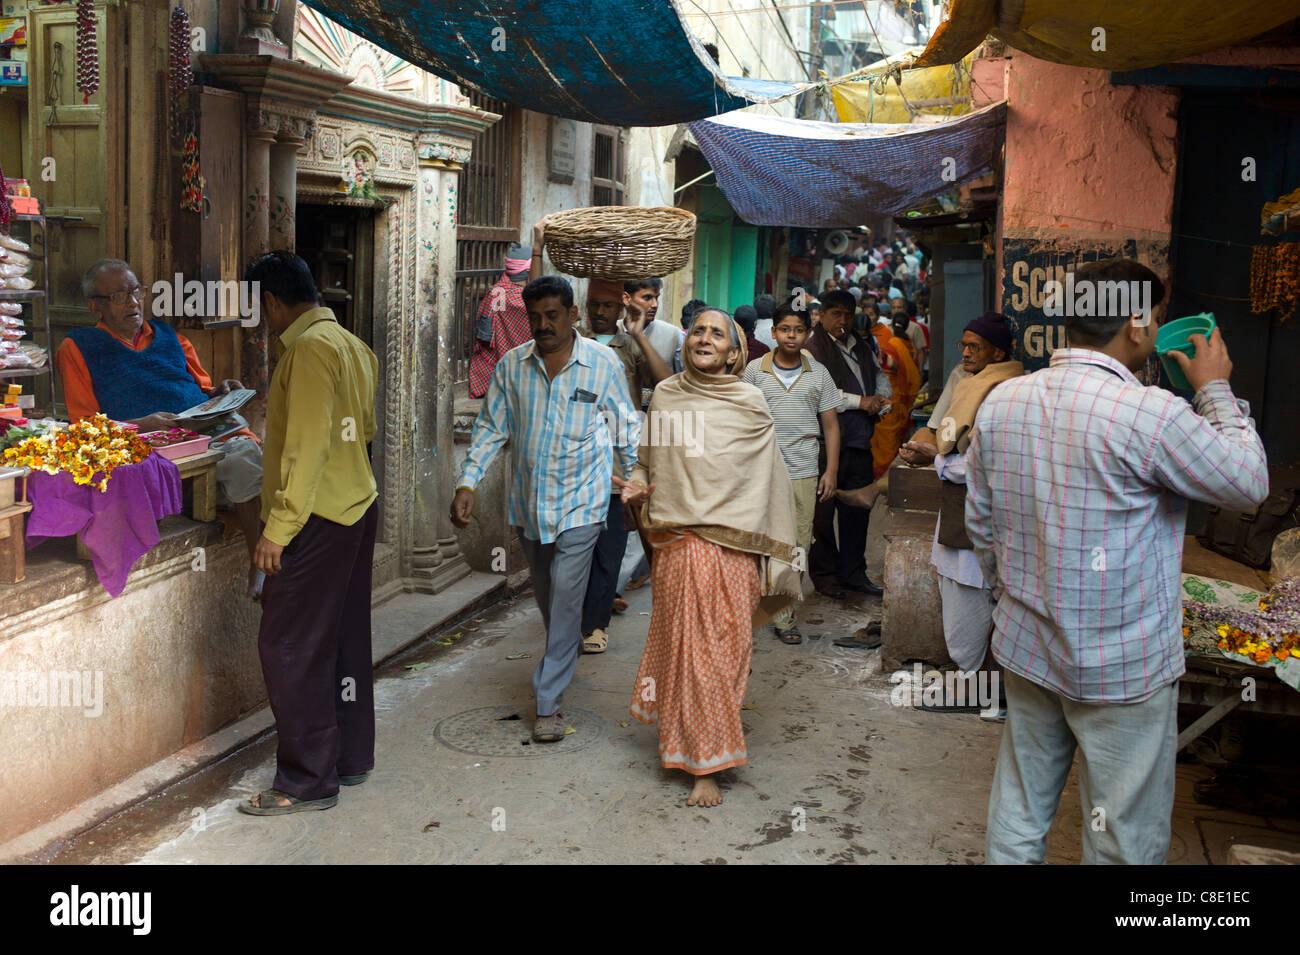 Pueblo Indio en el callejón en la ciudad santa de Varanasi, Benares, el norte de la India. Imagen De Stock